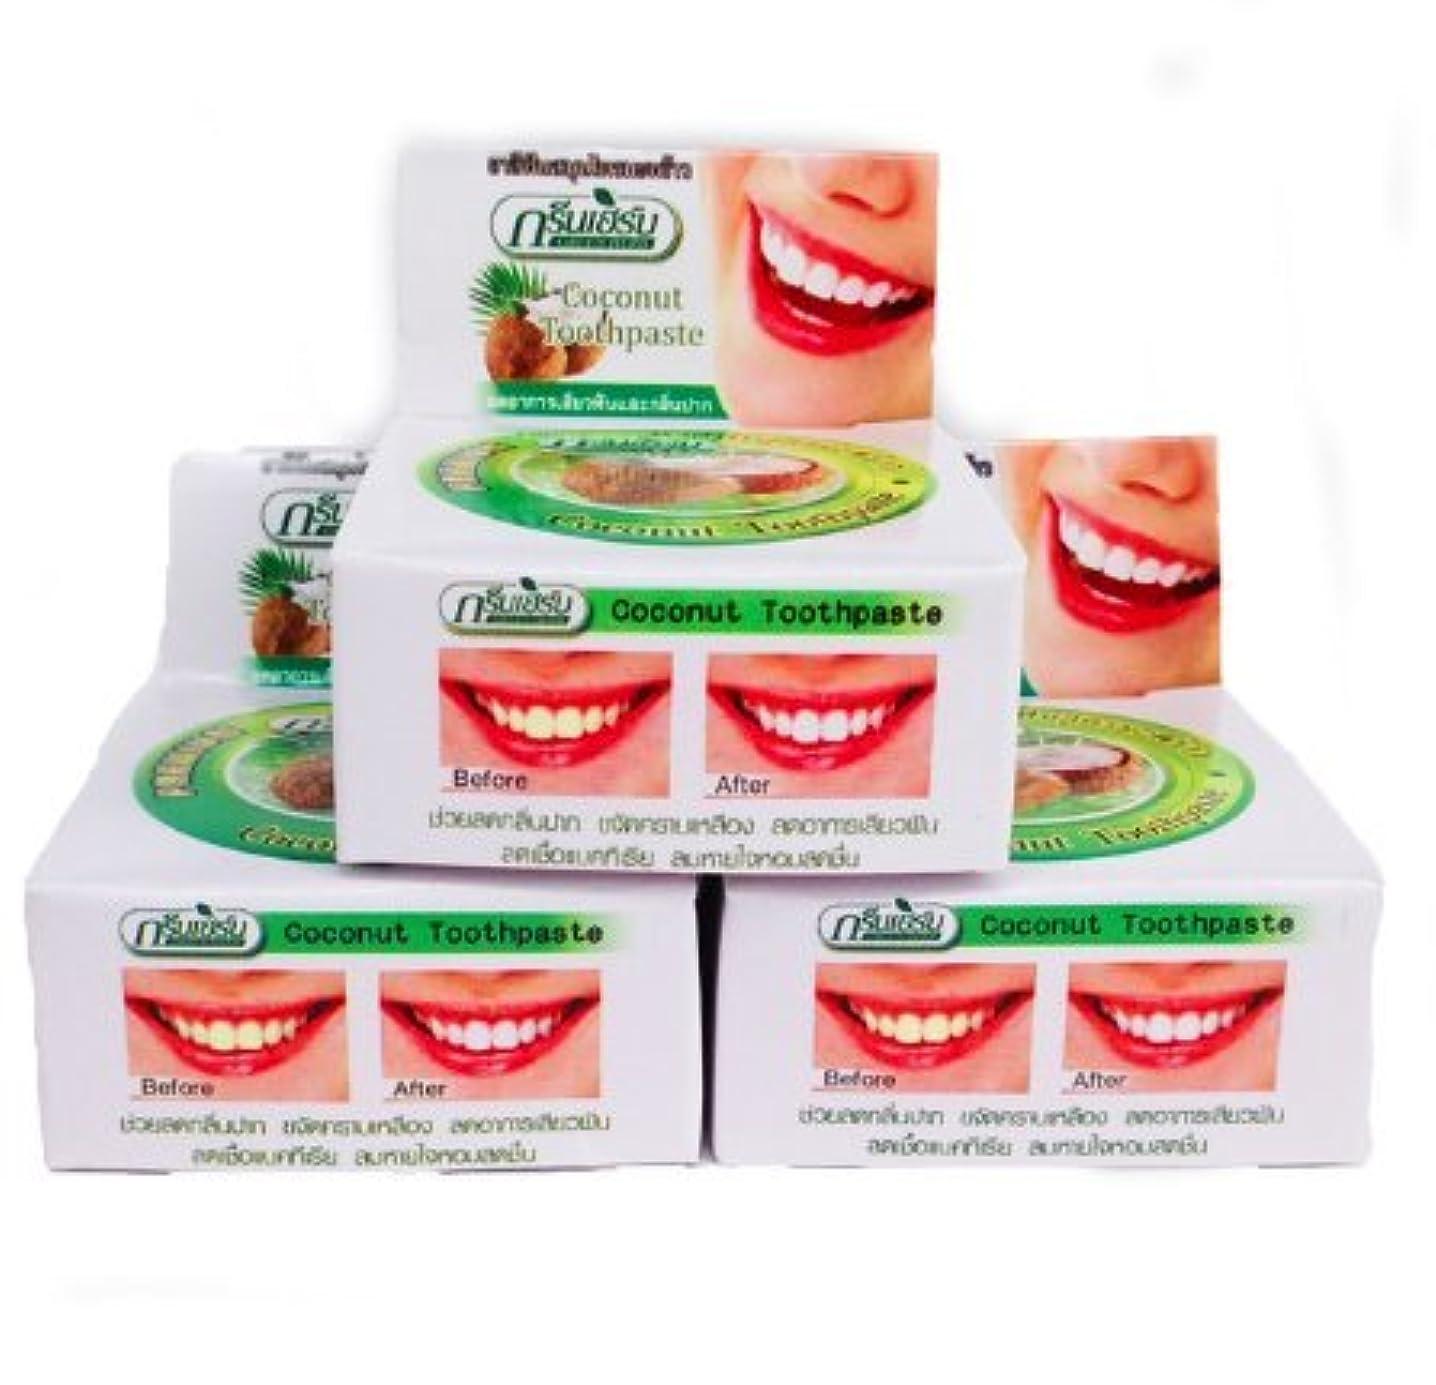 タイトル橋脚大邸宅ASN ハーブ歯磨き粉 10g Thailand Coconut Toothpastes Herbal Clove Toothpaste Teeth Whitening Care 3 pcs. by ASN